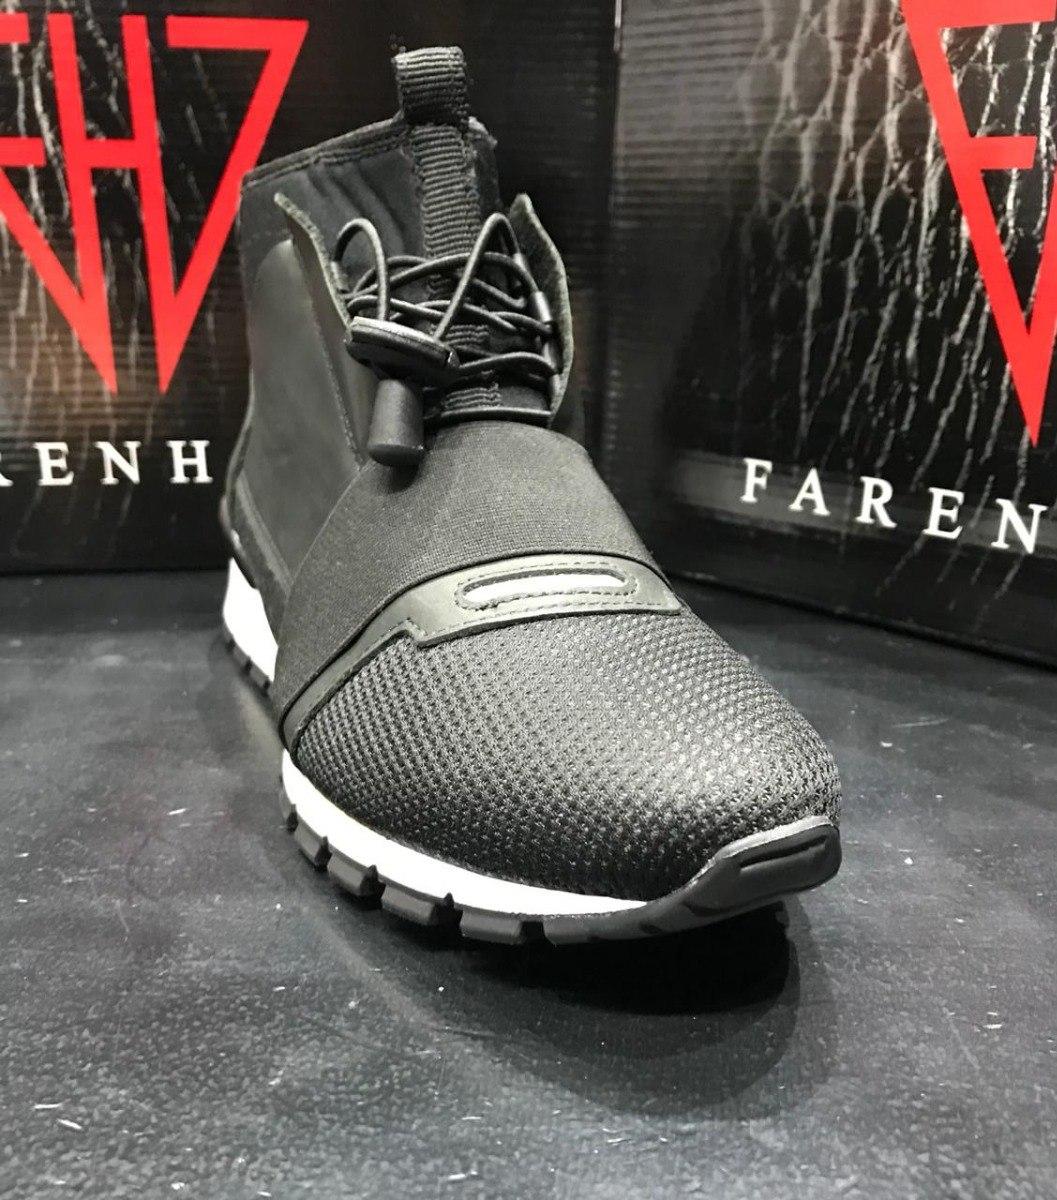 425f5c3a711 zapatillas botitas negras con neoprene hombre farenheite. Cargando zoom.